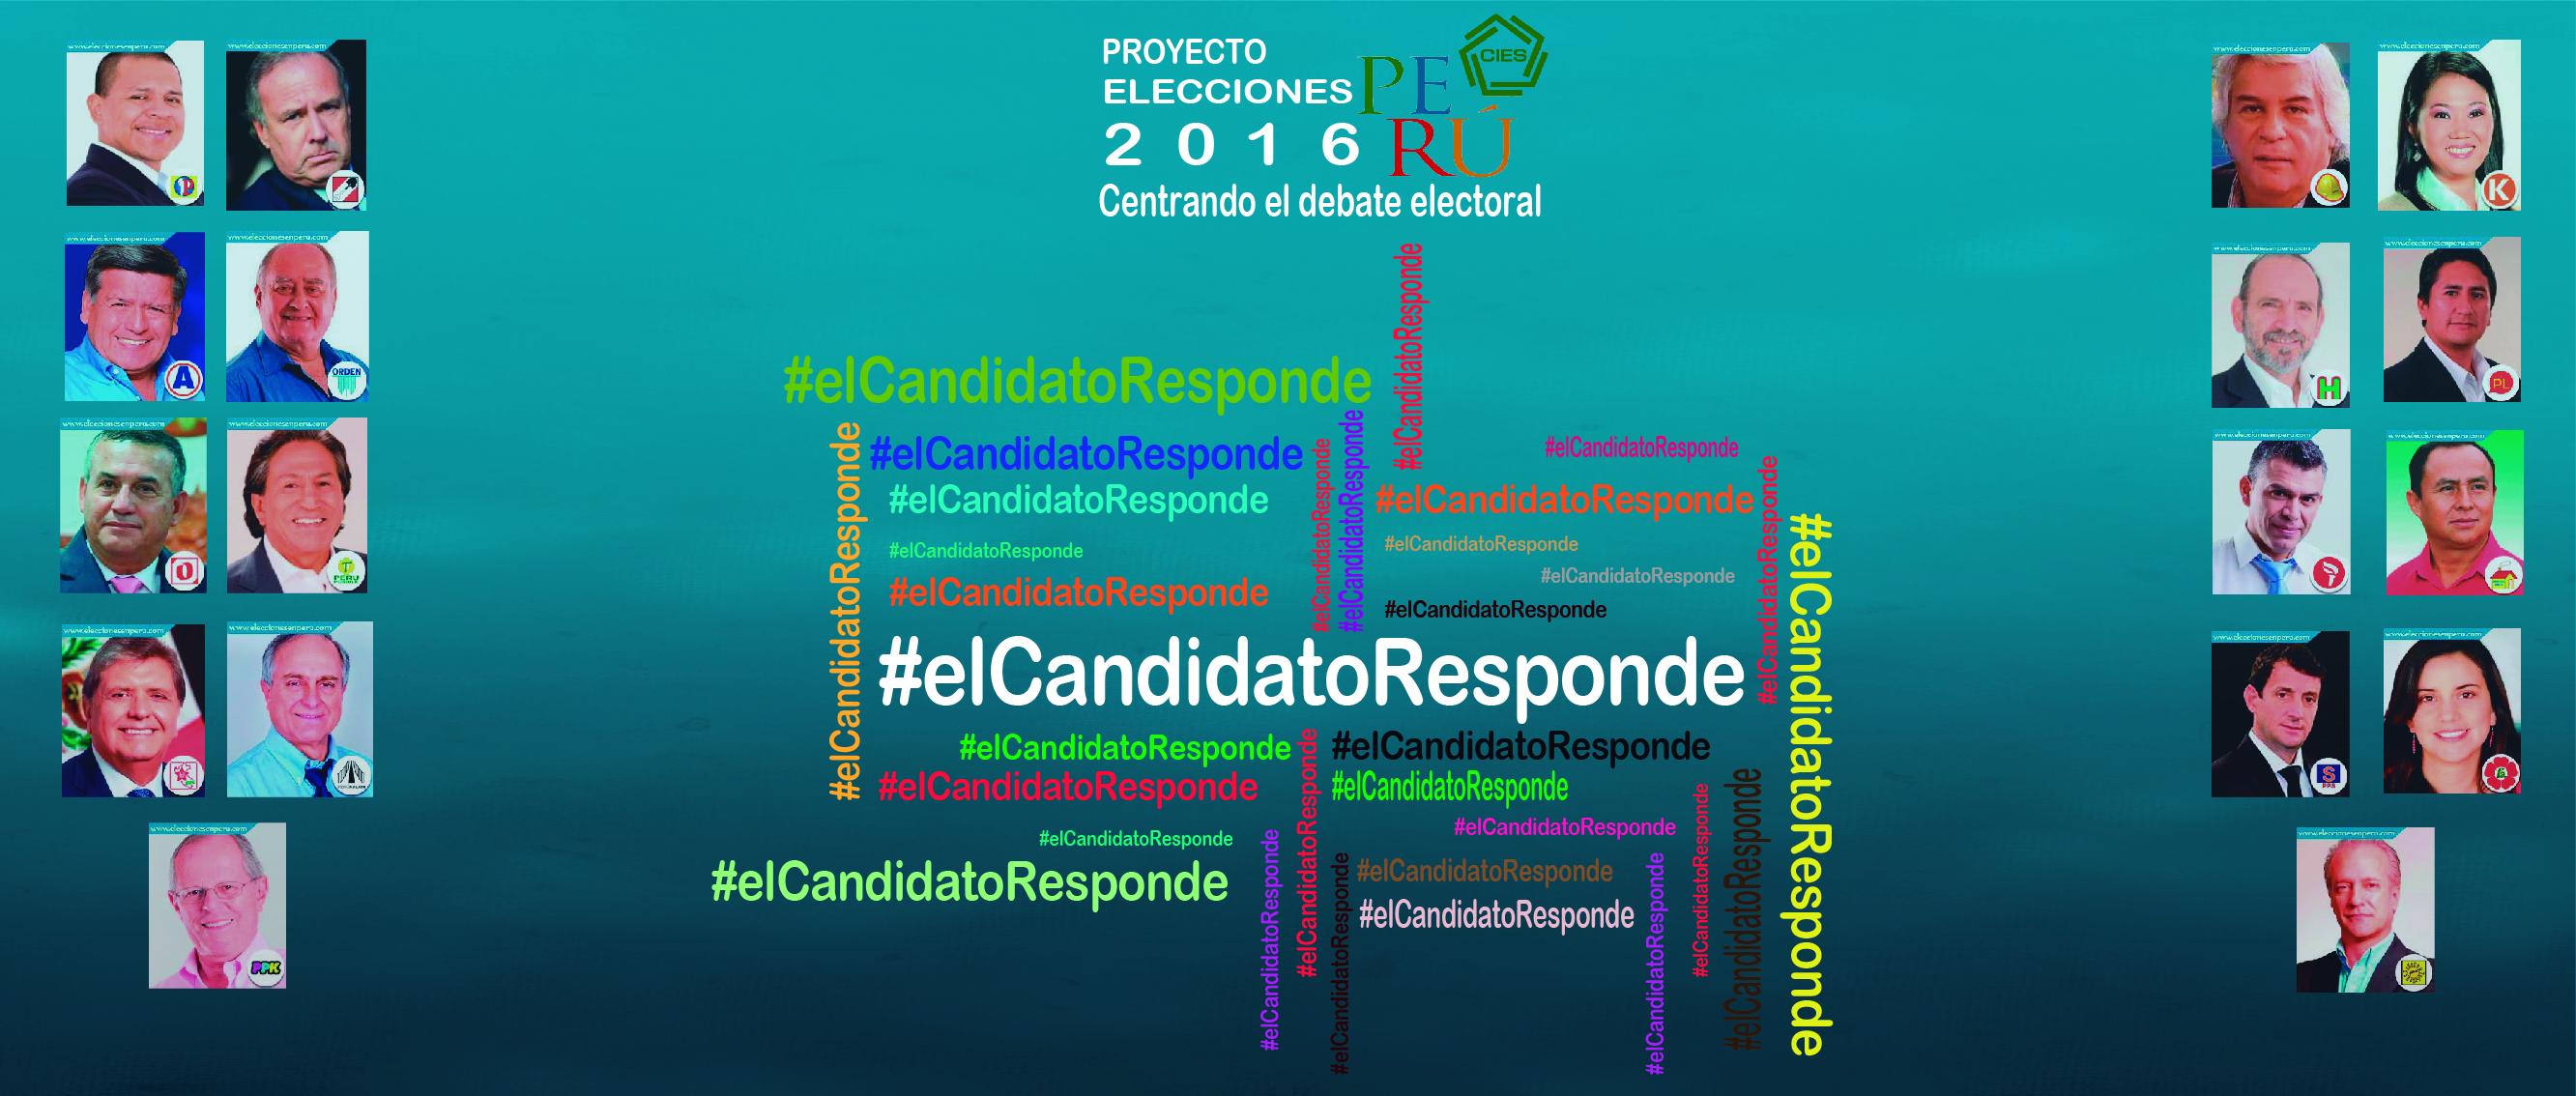 CONVOCATORIA DE PRENSA Presentación 16 documentos de política